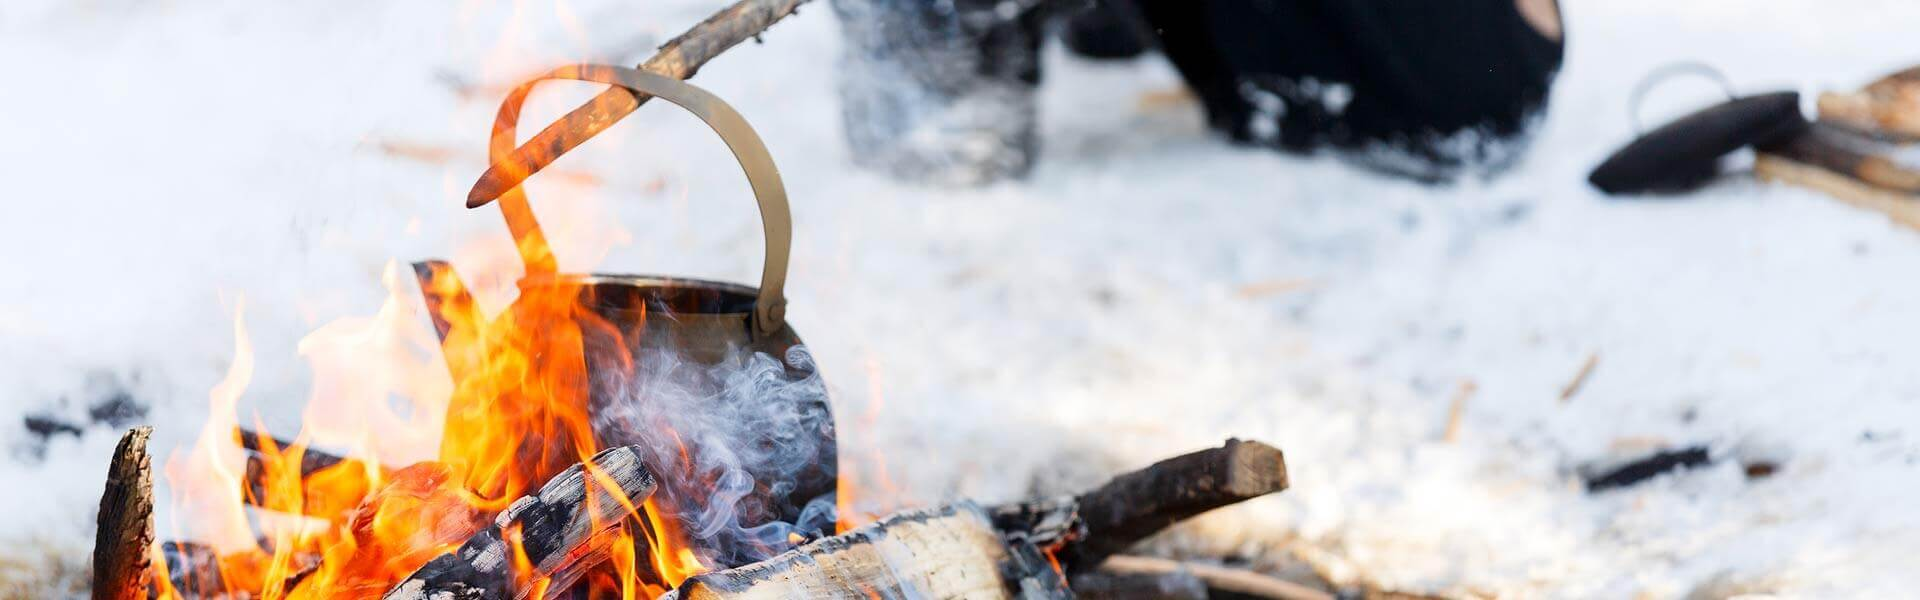 Lagerfeuer zur rustikalen Weihnachtsfeier auf der Burg und in der Natur mit b-ceed: events